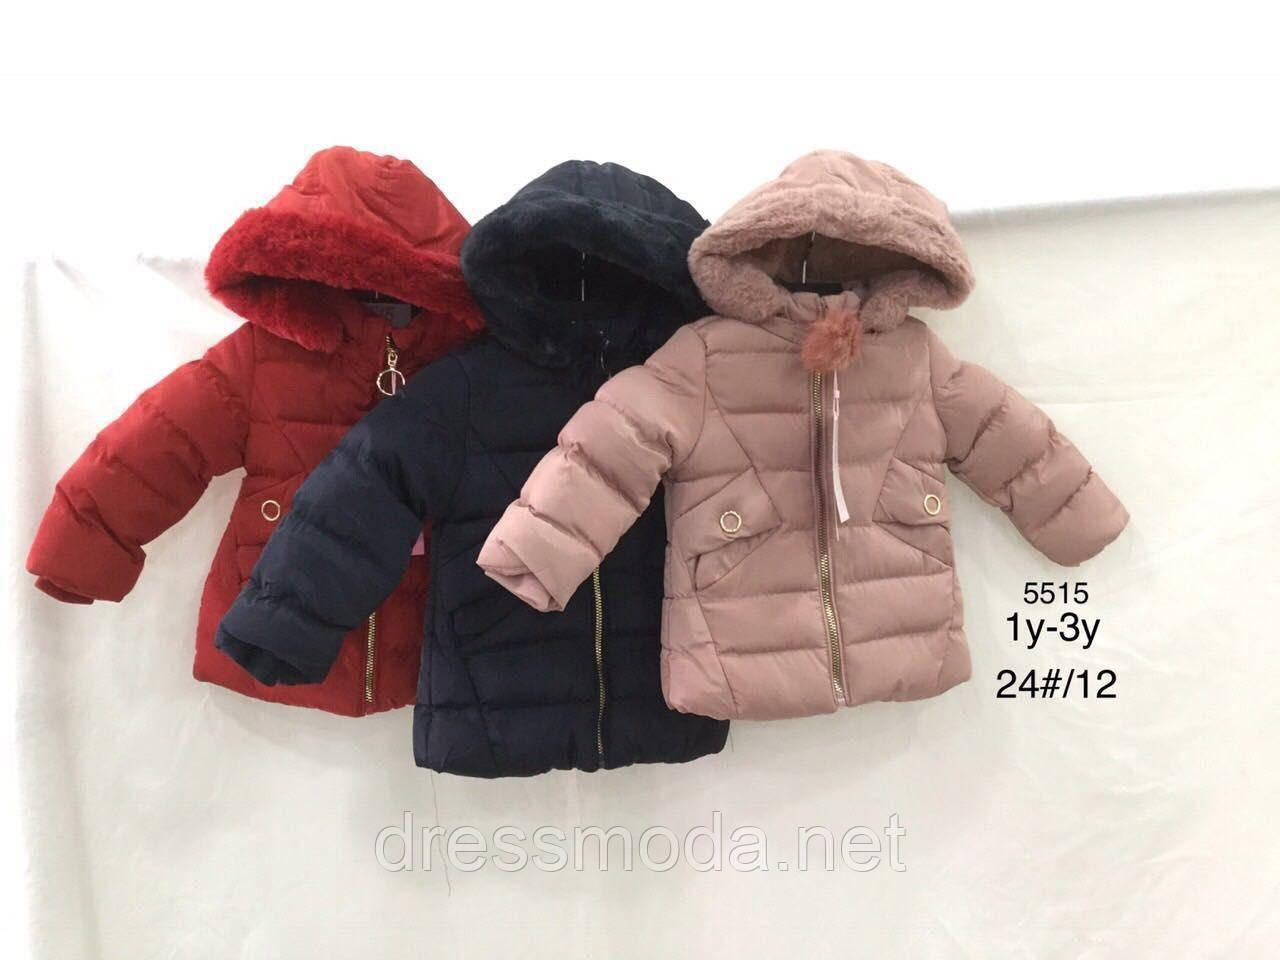 Куртки зимние для девочек Nature 12/18 - 30/36 мес.